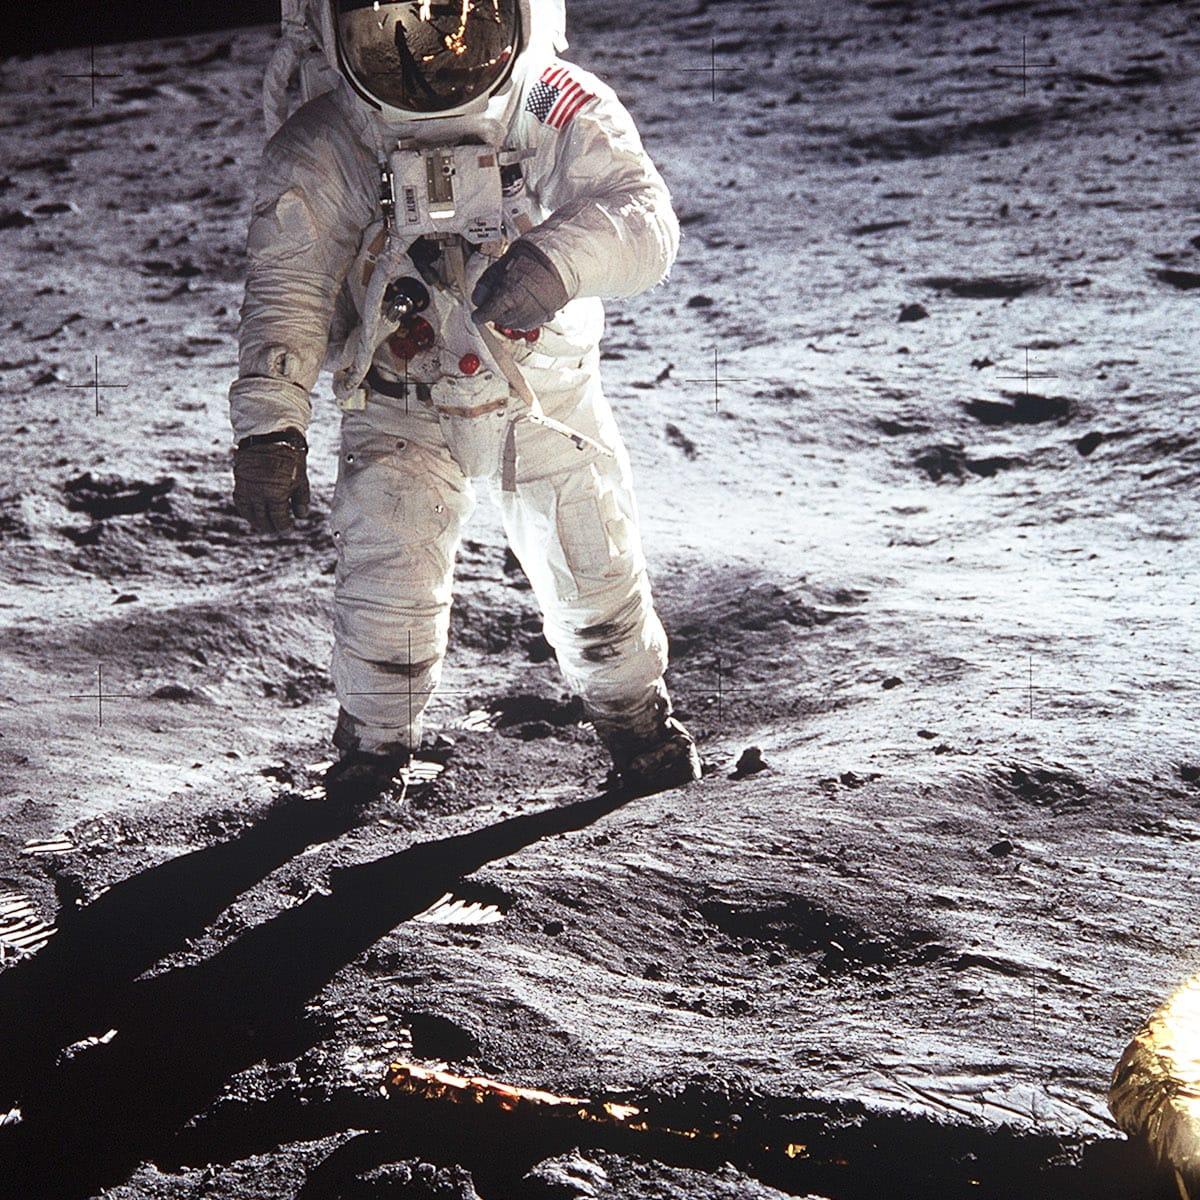 News_Buzz Aldrin_Apollo_11_astronaut